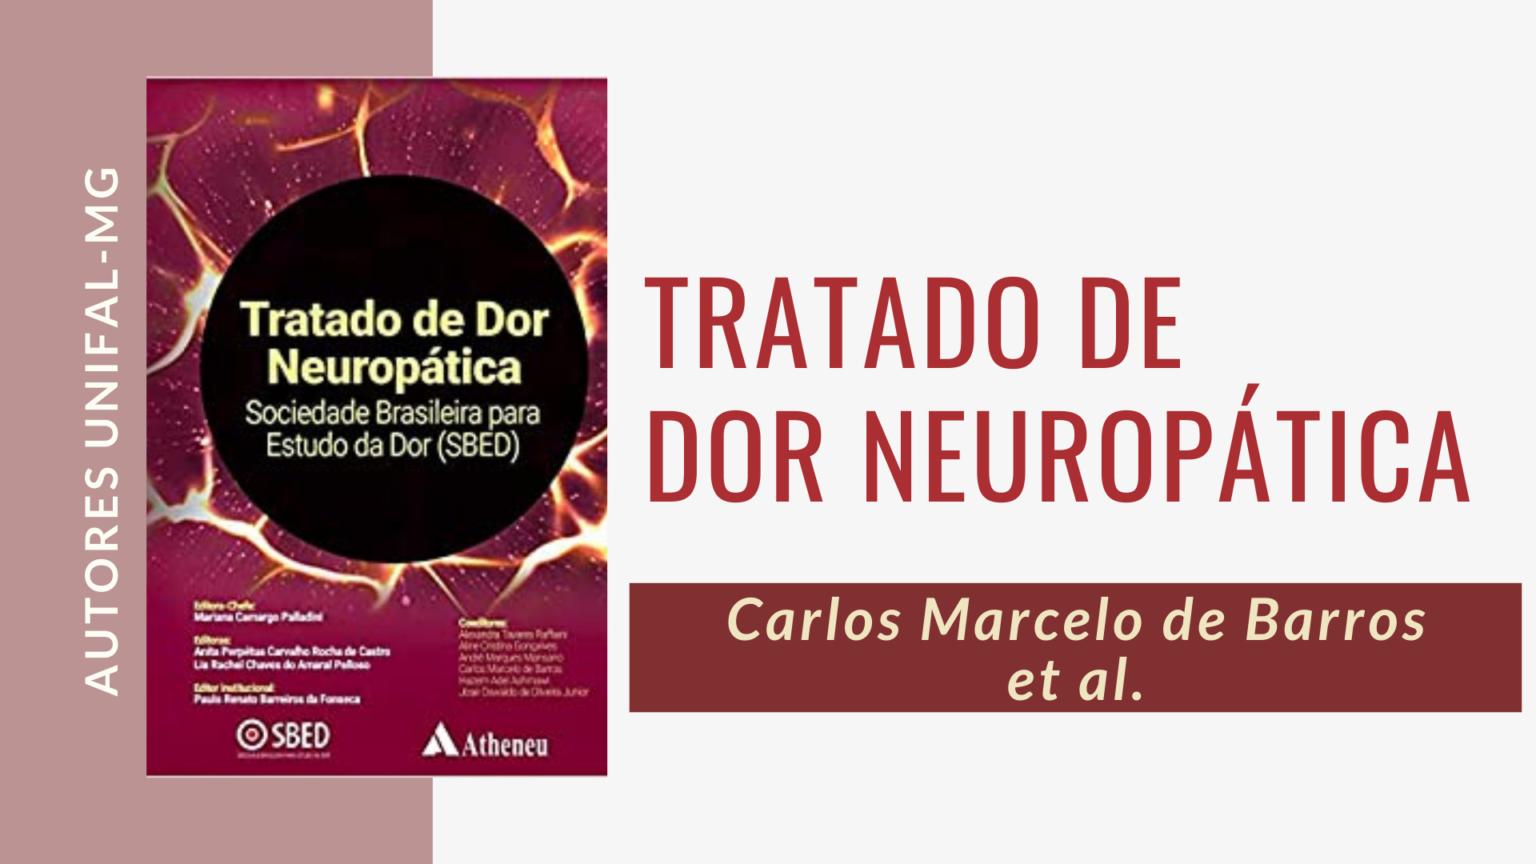 """""""Tratado de Dor Neuropática"""" – Carlos Marcelo de Barros et al."""